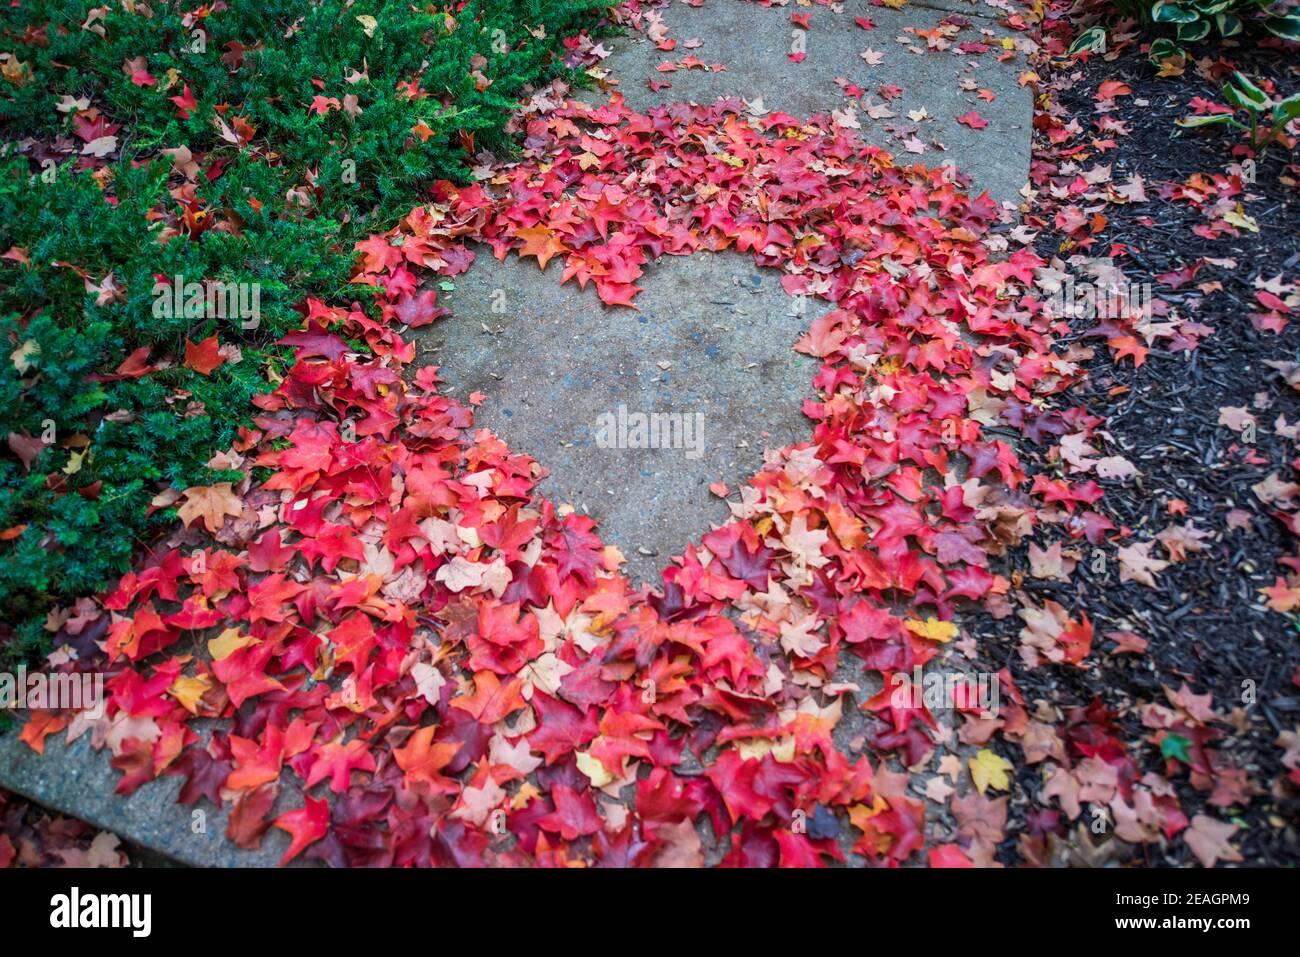 Forma del corazón creada a partir de hojas de arce de otoño rojas y naranjas. Superficie asfáltica en el medio. Lugar vacío para texto positivo, cita o dichos. Vista superior. Foto de stock